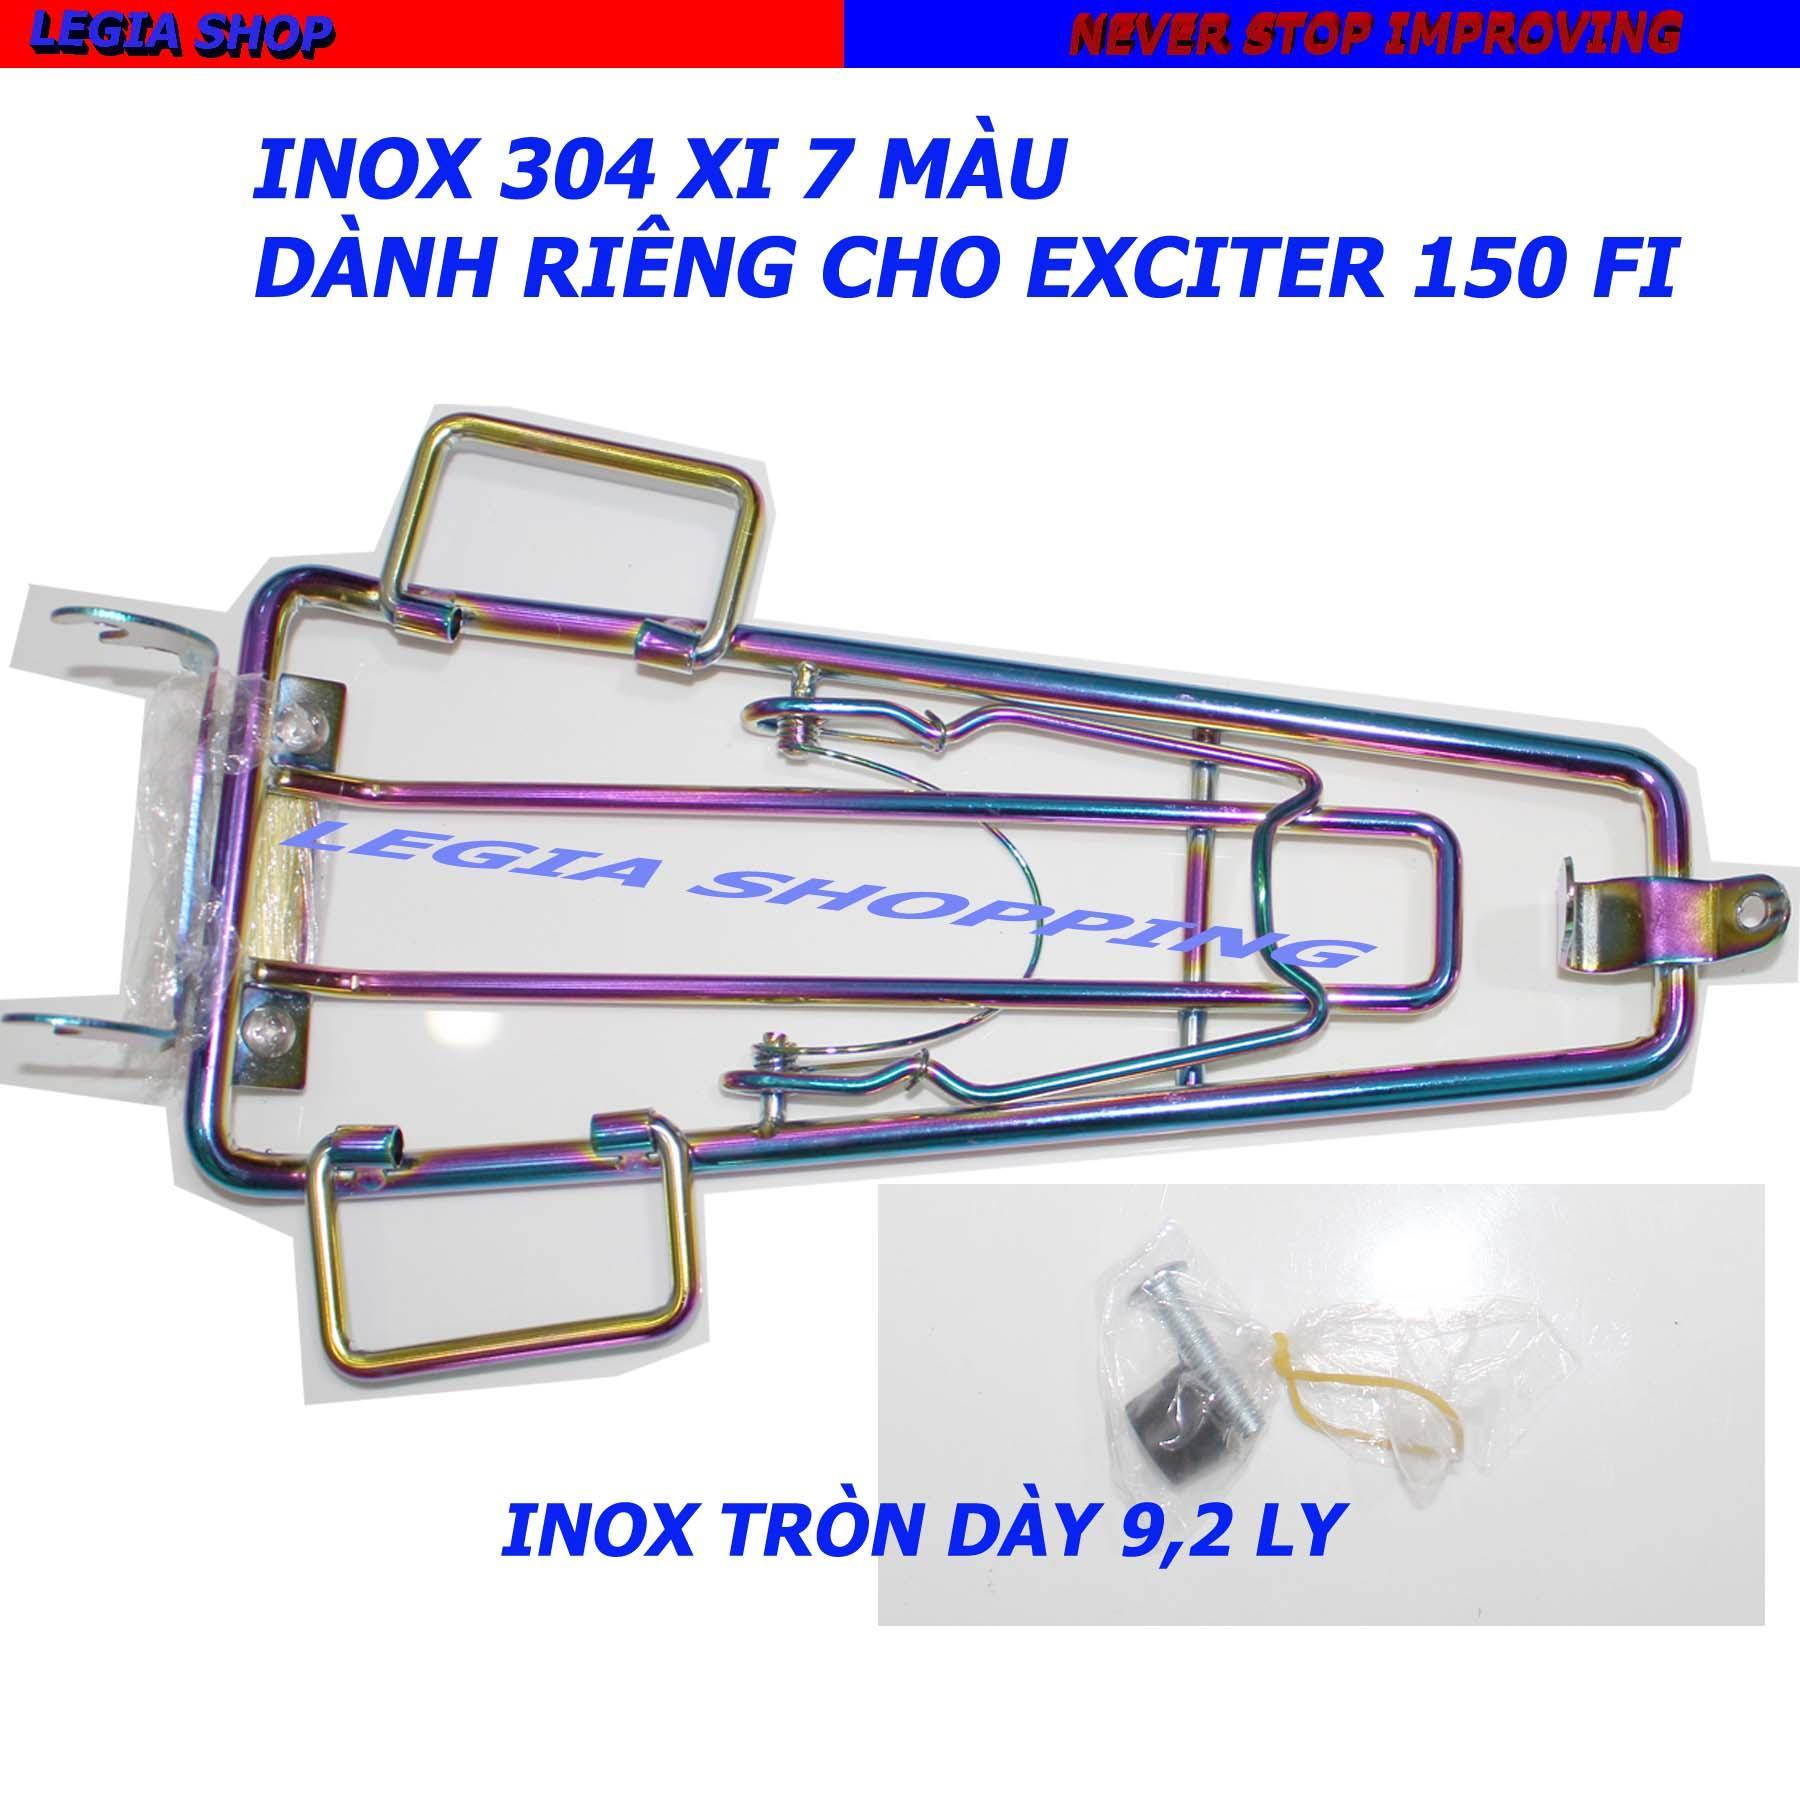 Giá Bán Baga Inox Xi 7 Mau Gắn Xe Yamaha Exciter 150 Loại 10 Ly No